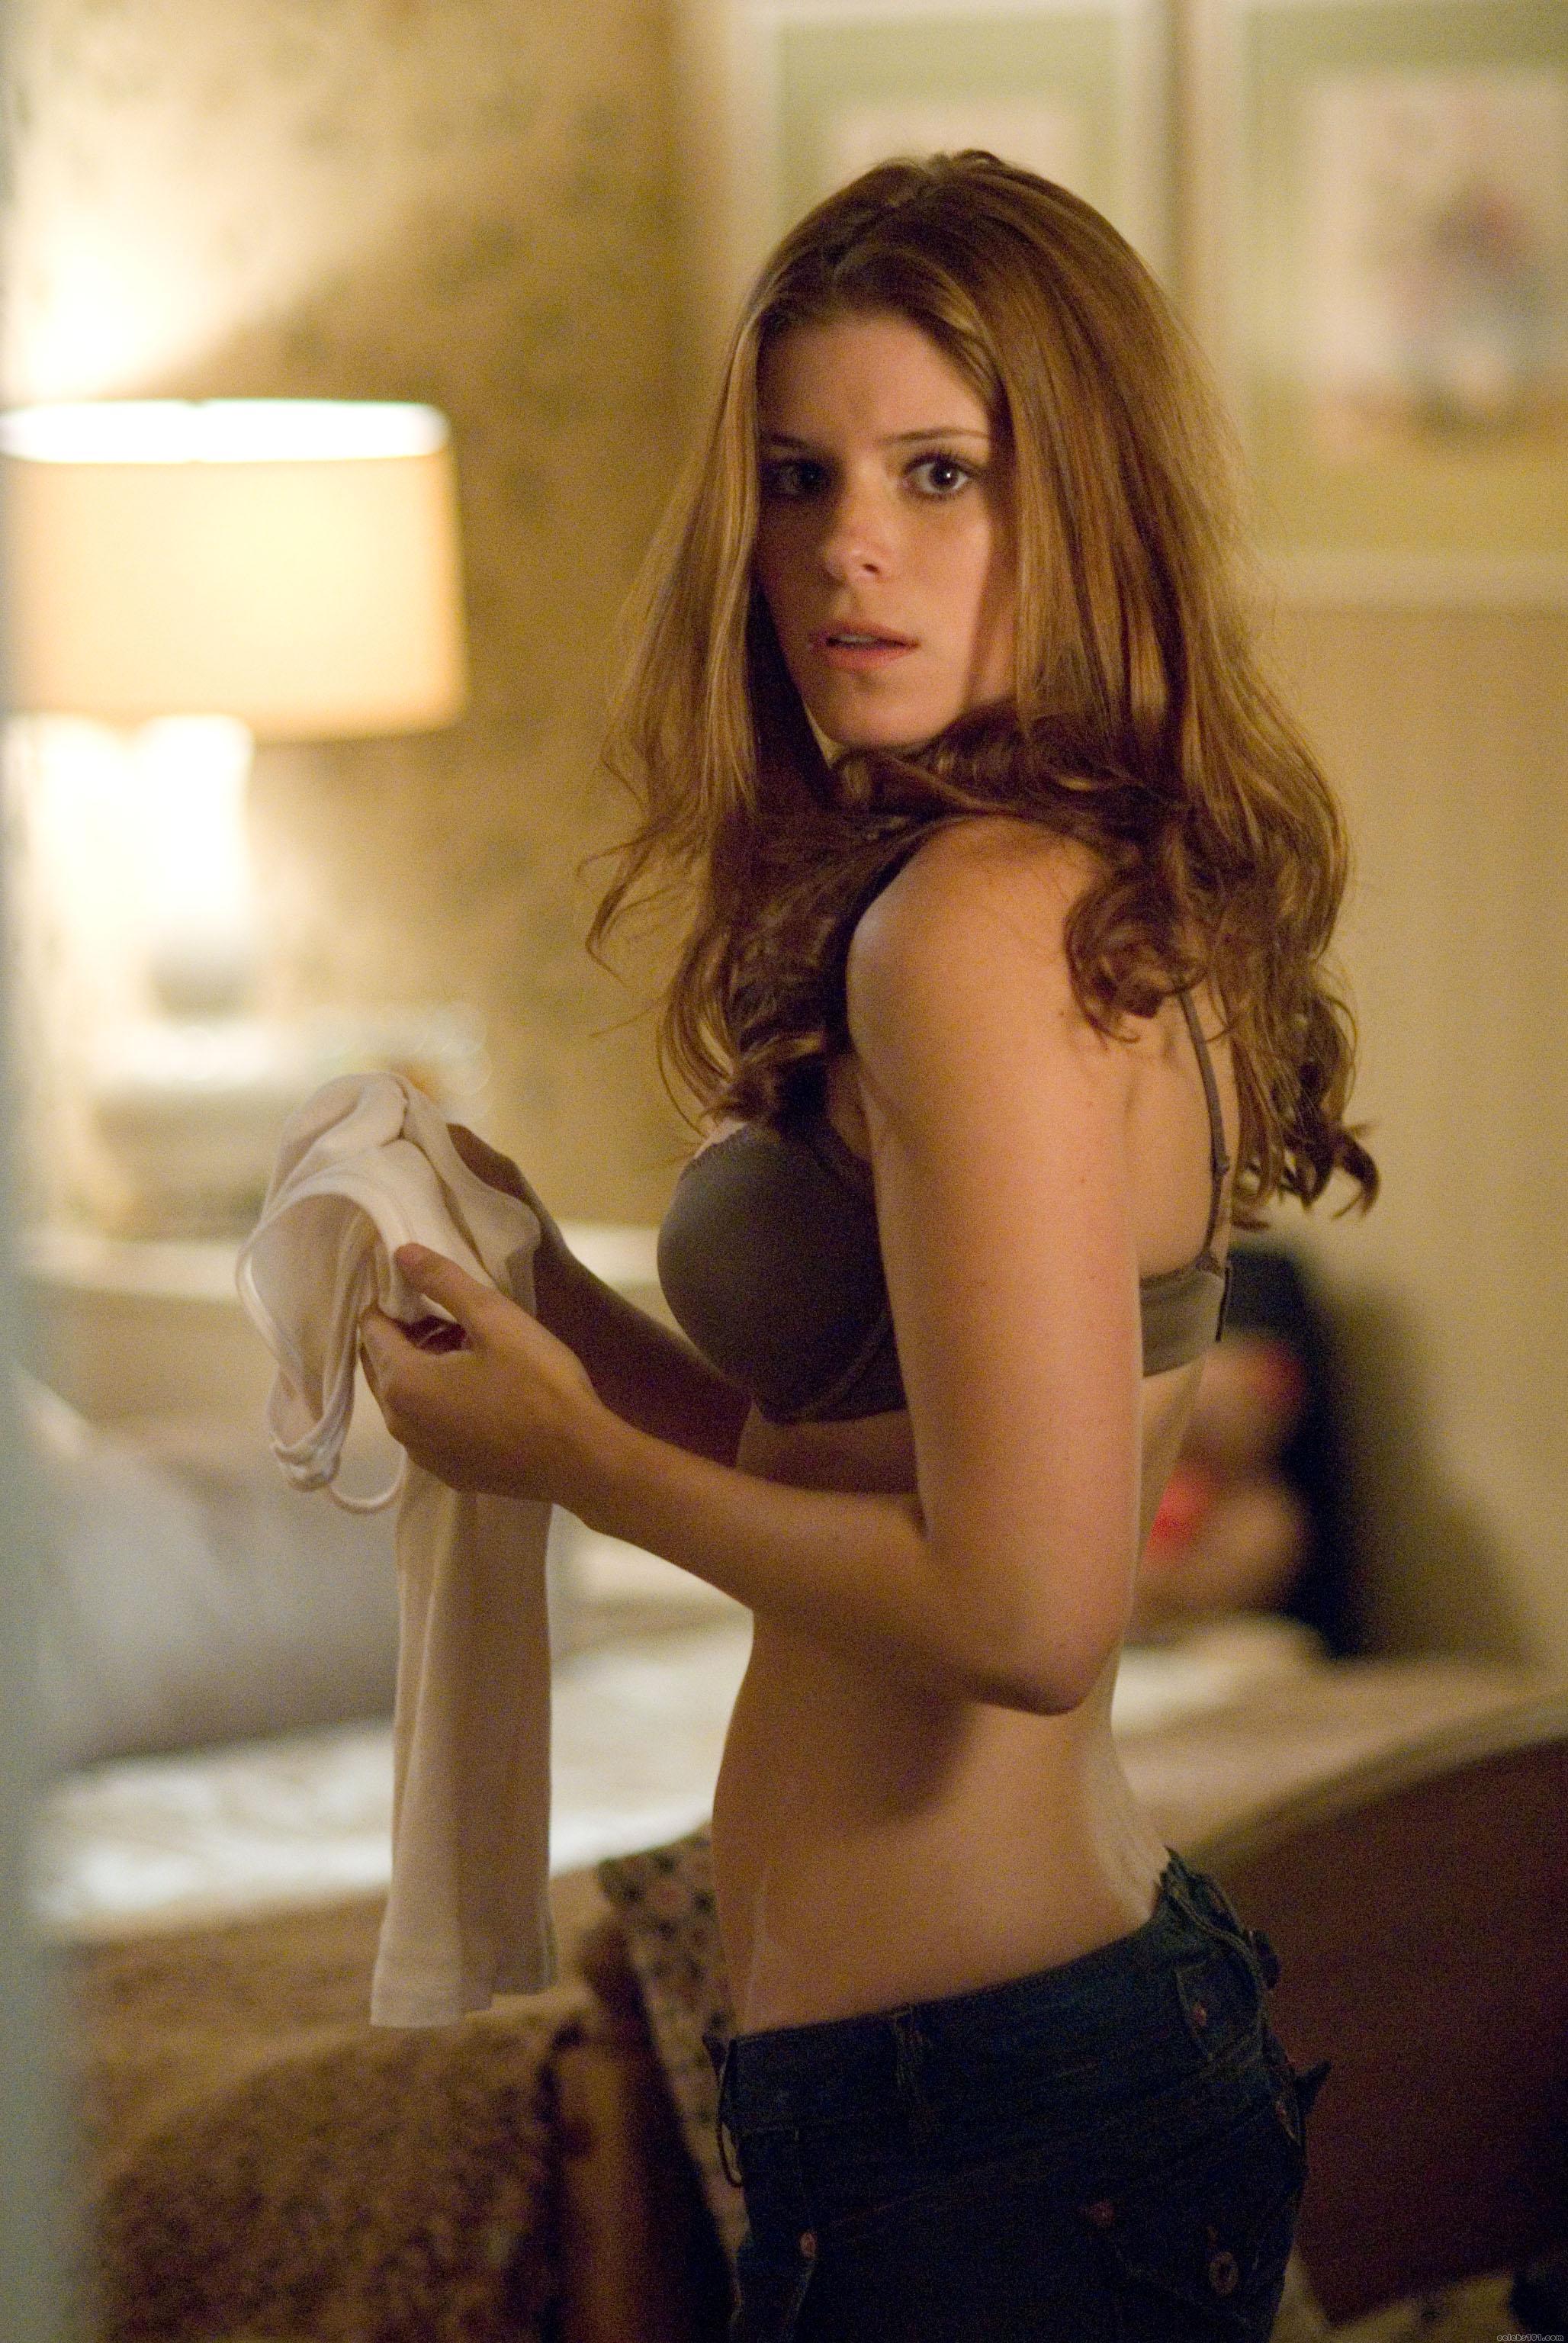 Stephanie beatriz naked sex tape